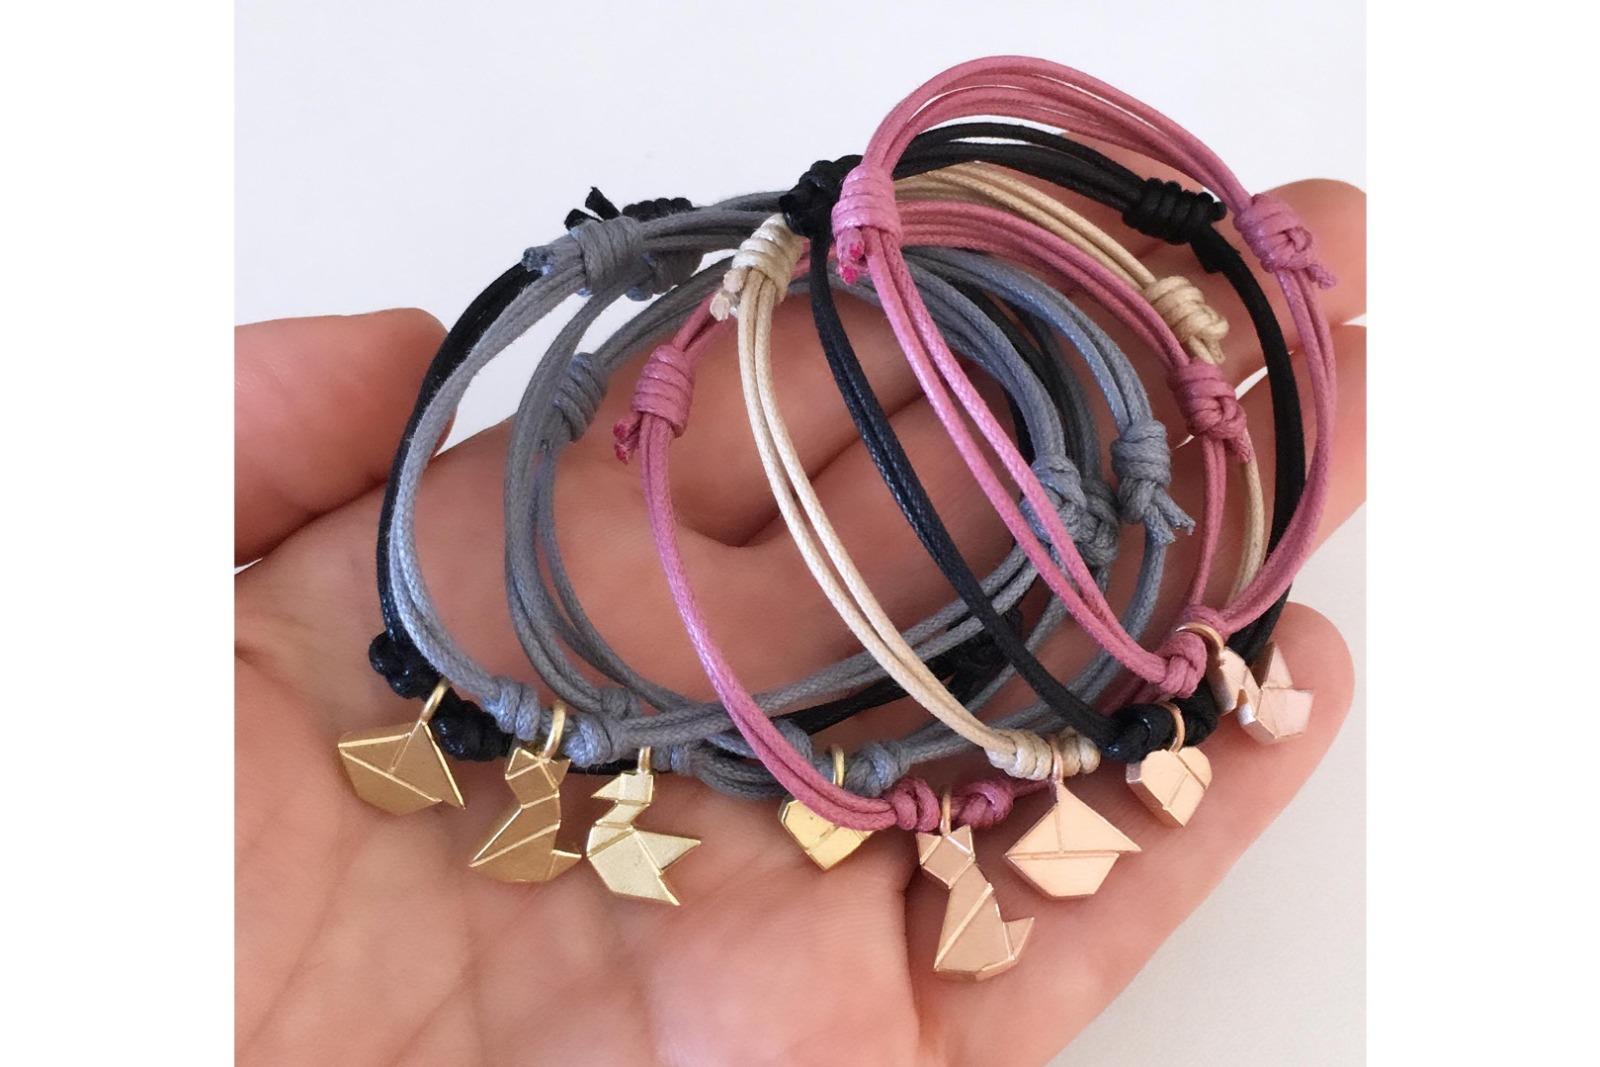 SCHIFFCHEN Tangram Kette oder Armband Silber